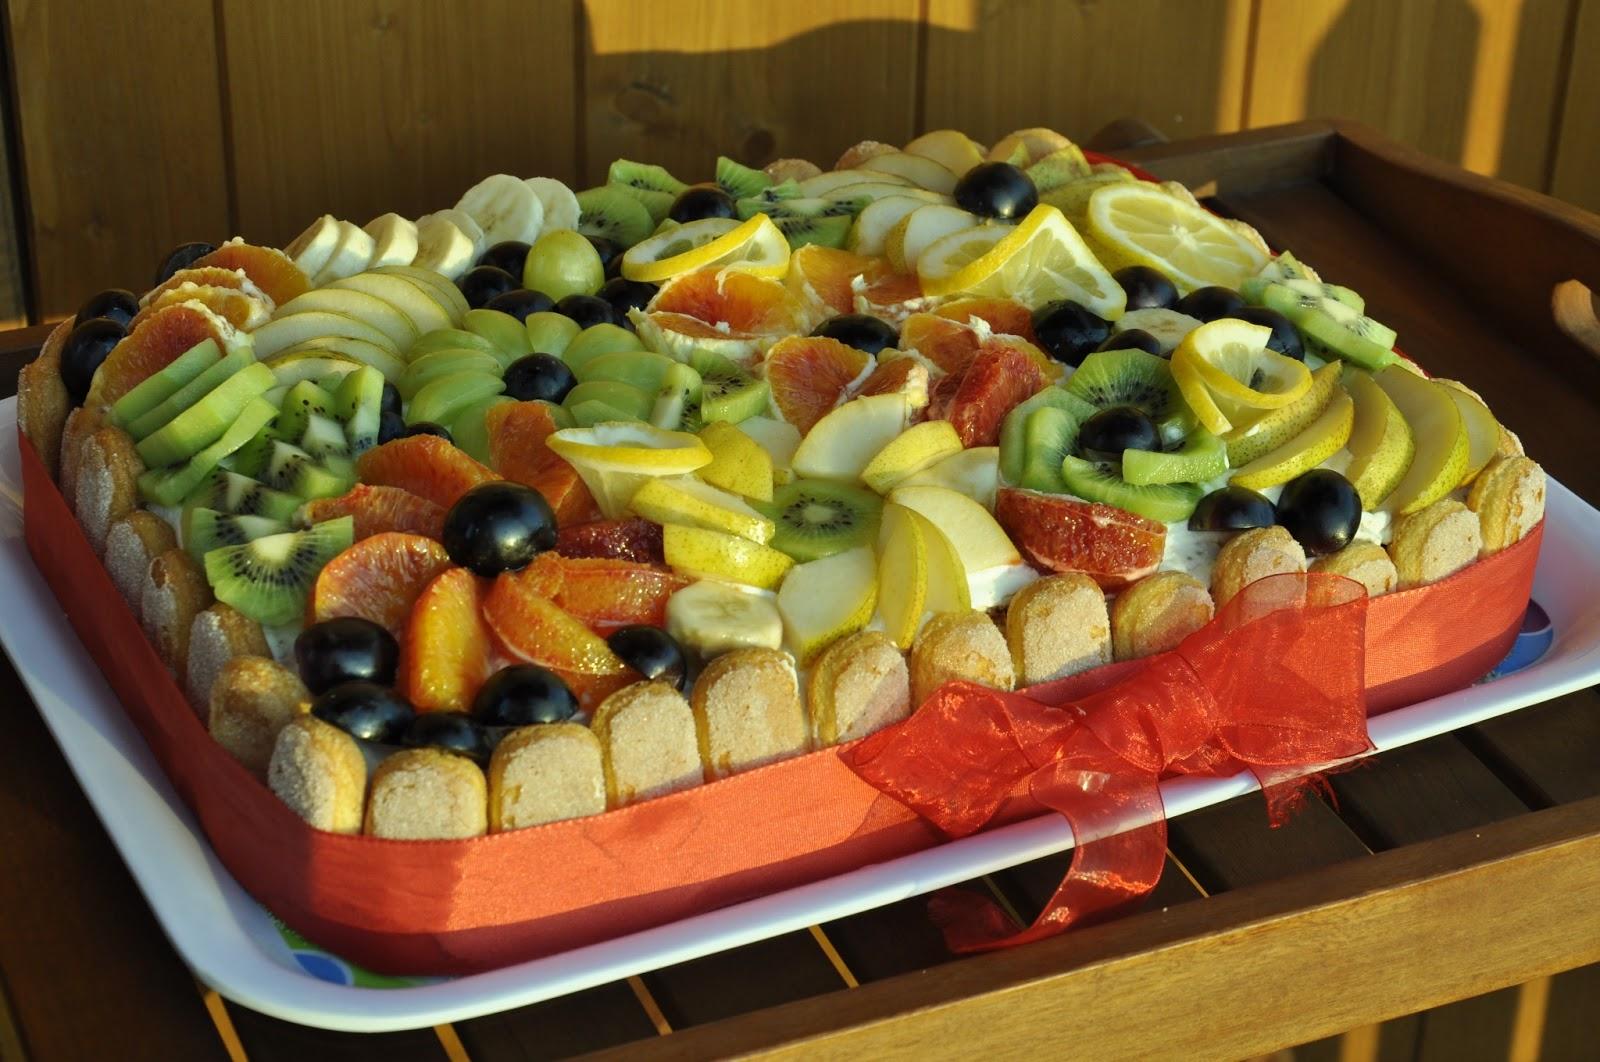 I dolci di flori torta fantasia di frutta - Decorazioni con frutta essiccata ...